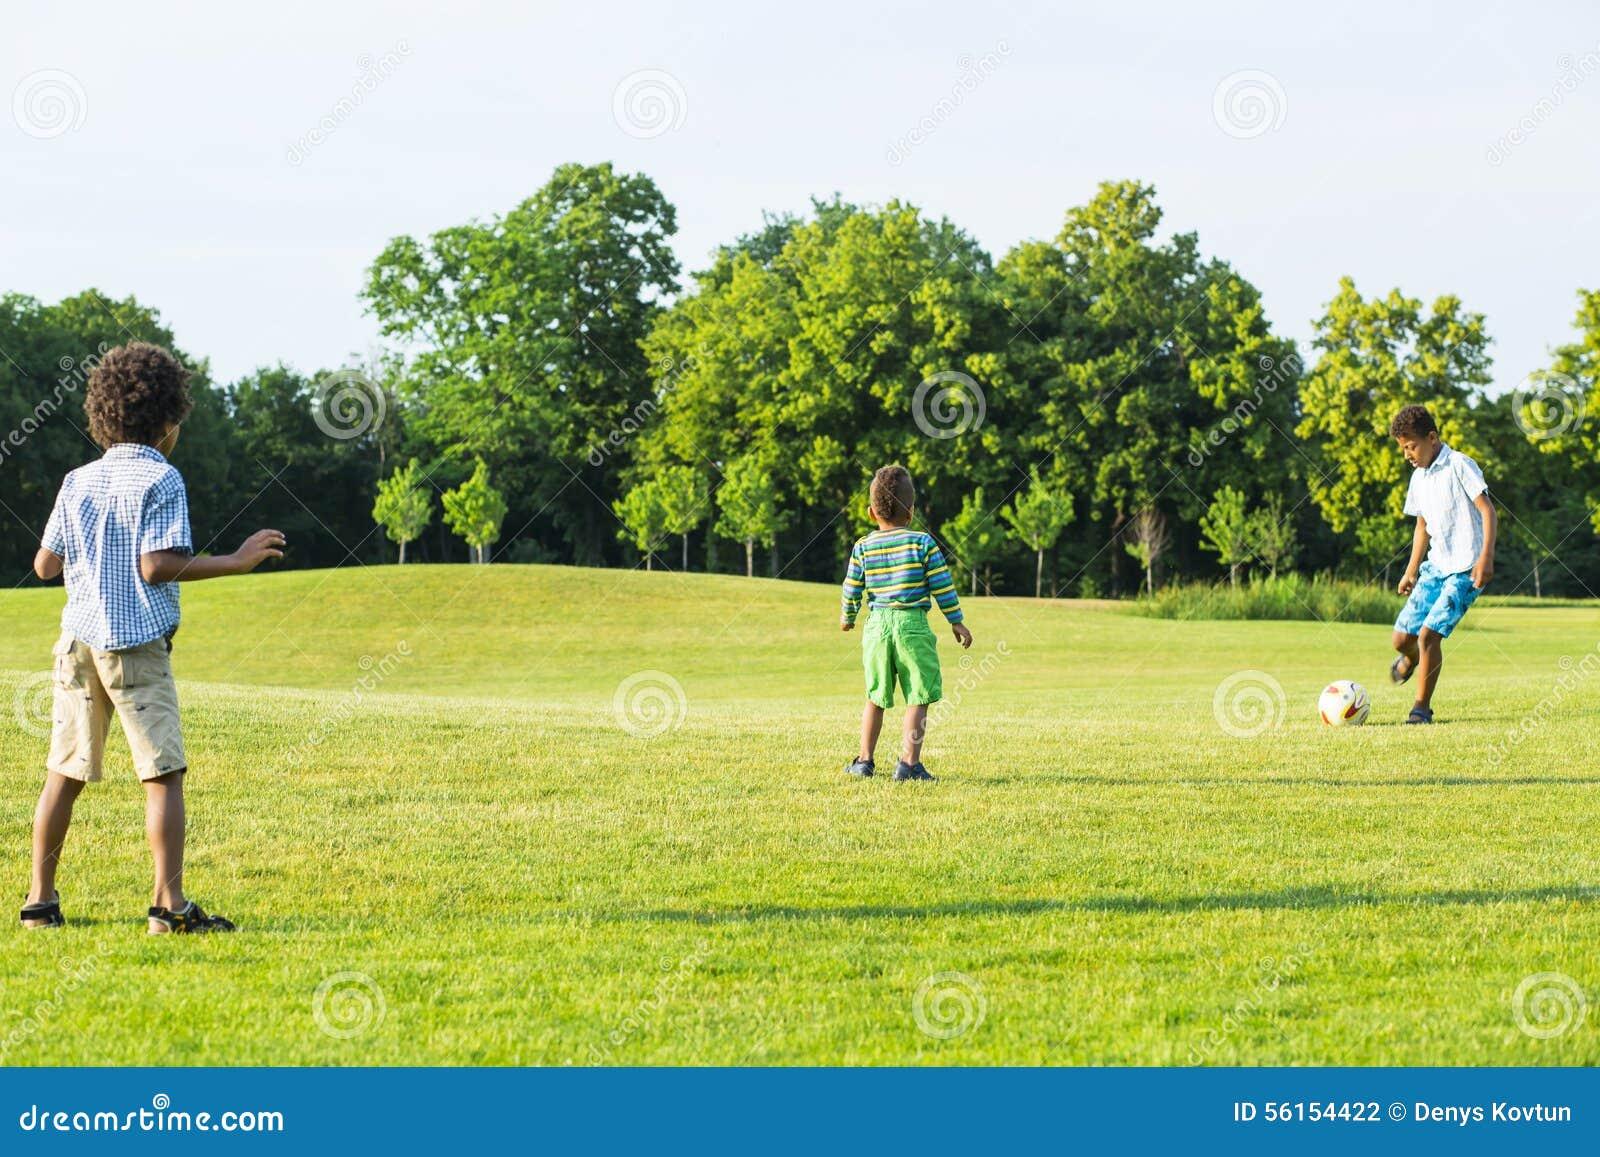 Tres Ninos Estan Jugando A Futbol Foto De Archivo Imagen De Lindo